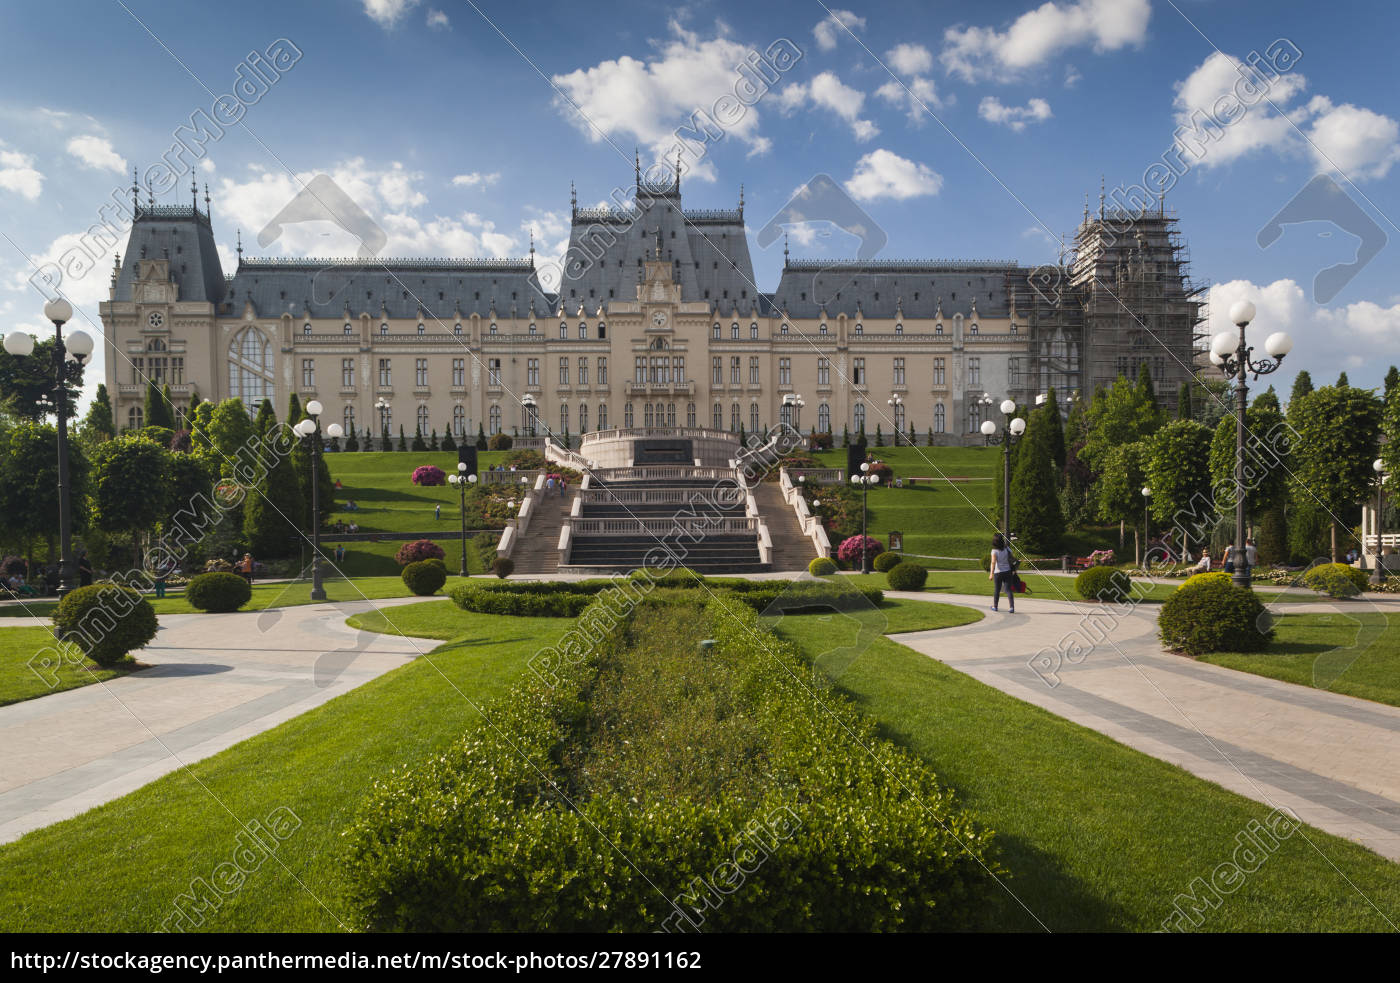 rumänien, moldawien, iasi, kulturpalast, tagsüber - 27891162